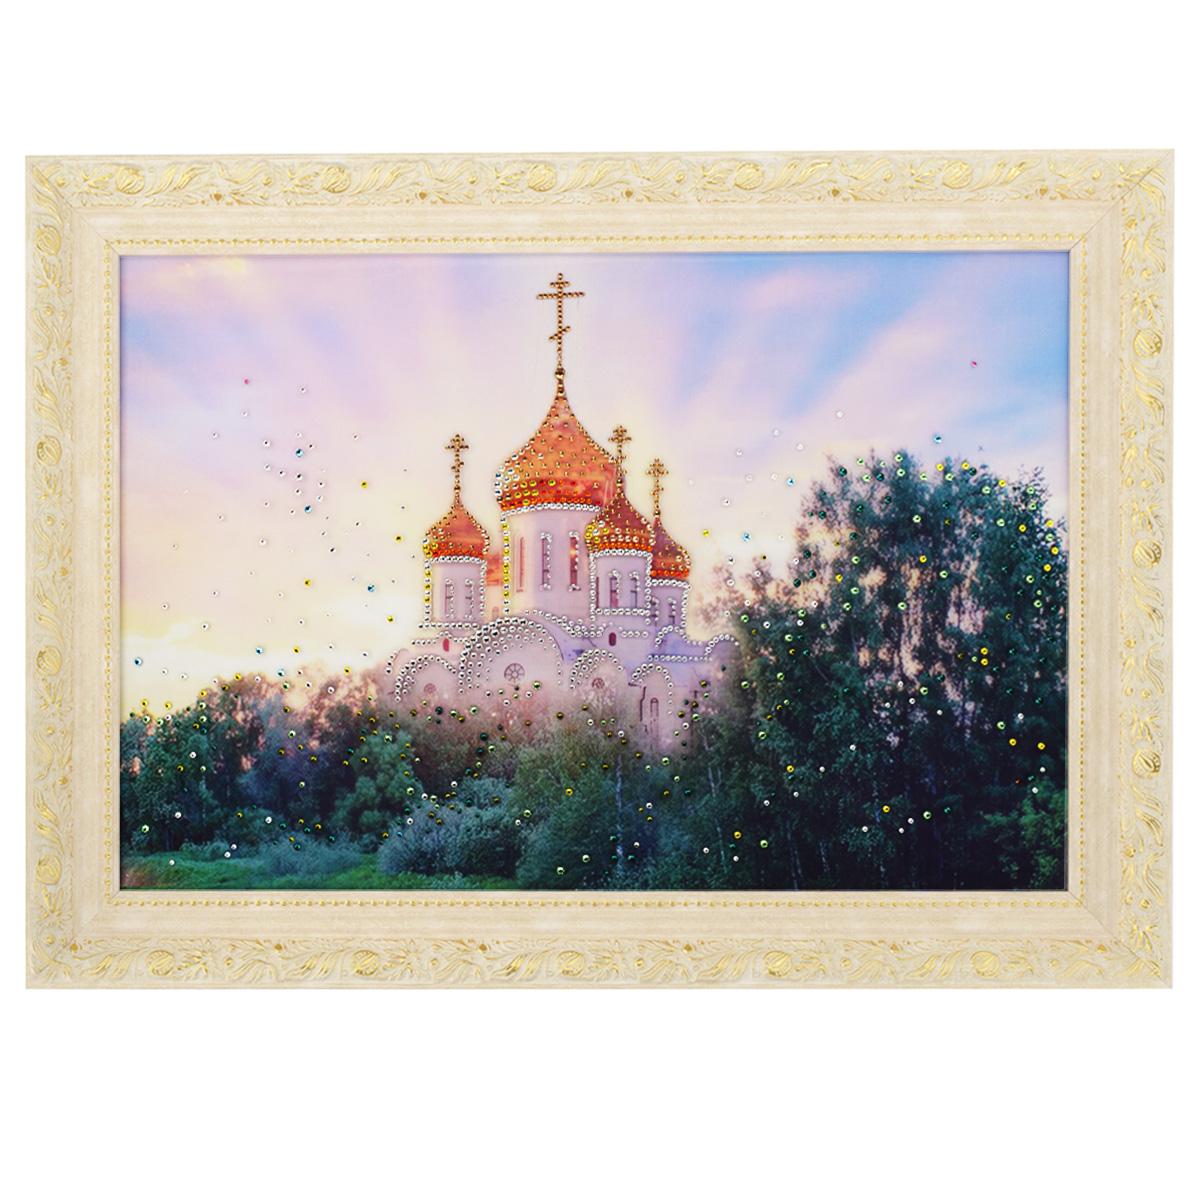 Картина с кристаллами Swarovski В лучах солнца, 70 см х 50 см1061Изящная картина в багетной раме, инкрустирована кристаллами Swarovski, которые отличаются четкой и ровной огранкой, ярким блеском и чистотой цвета. Красочное изображение церкви, расположенное под стеклом, прекрасно дополняет блеск кристаллов. С обратной стороны имеется металлическая проволока для размещения картины на стене. Картина с кристаллами Swarovski В лучах солнца элегантно украсит интерьер дома или офиса, а также станет прекрасным подарком, который обязательно понравится получателю. Блеск кристаллов в интерьере, что может быть сказочнее и удивительнее. Картина упакована в подарочную картонную коробку синего цвета и комплектуется сертификатом соответствия Swarovski.